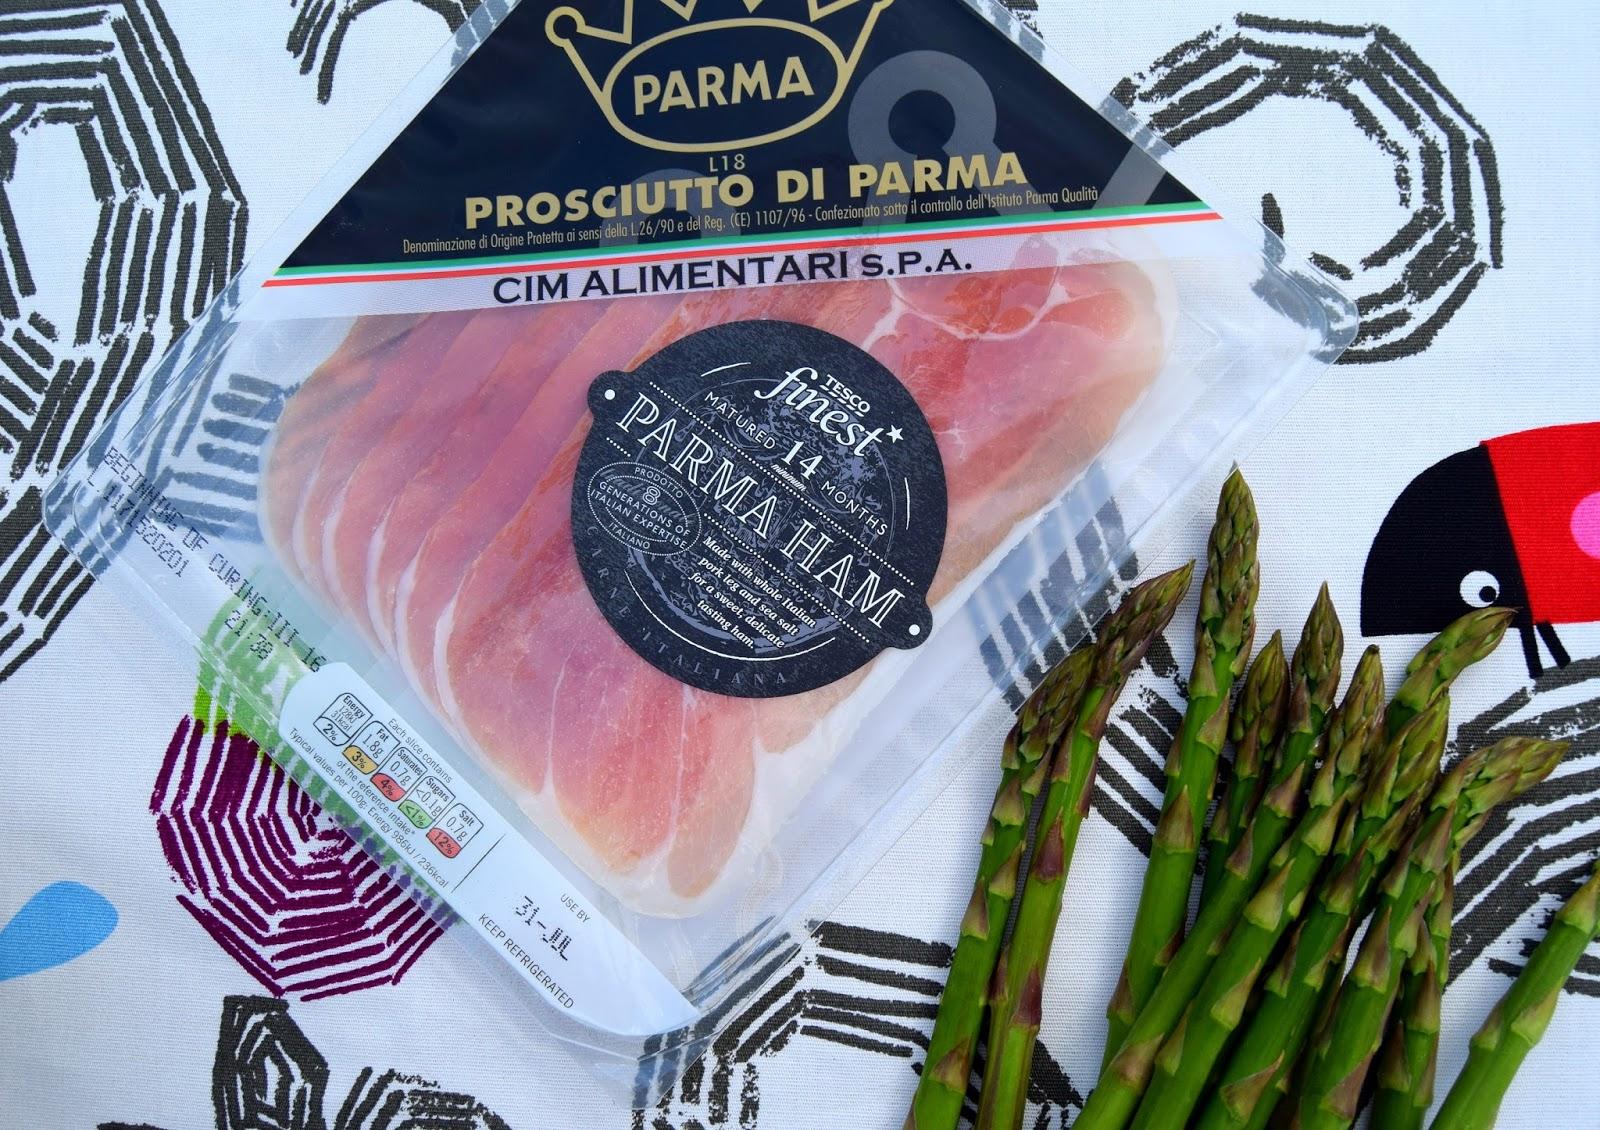 Prosciutto di Parma And Asparagus Quiche